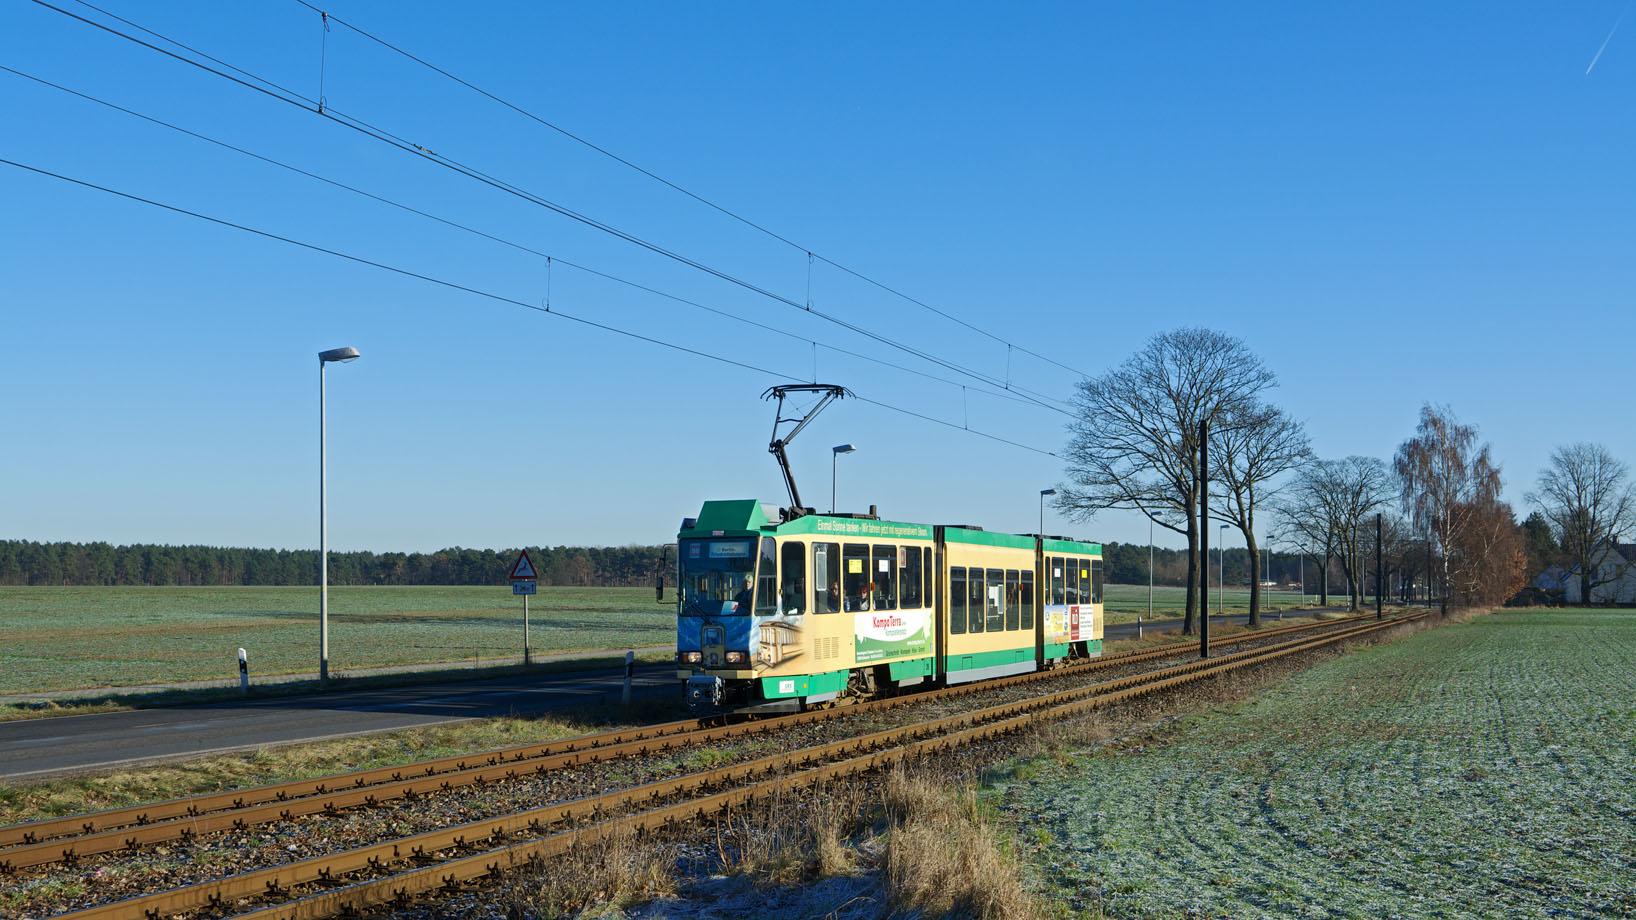 http://www.wortundgestalt-webservices.de/foren/dso/tram_88/_D789668.jpg